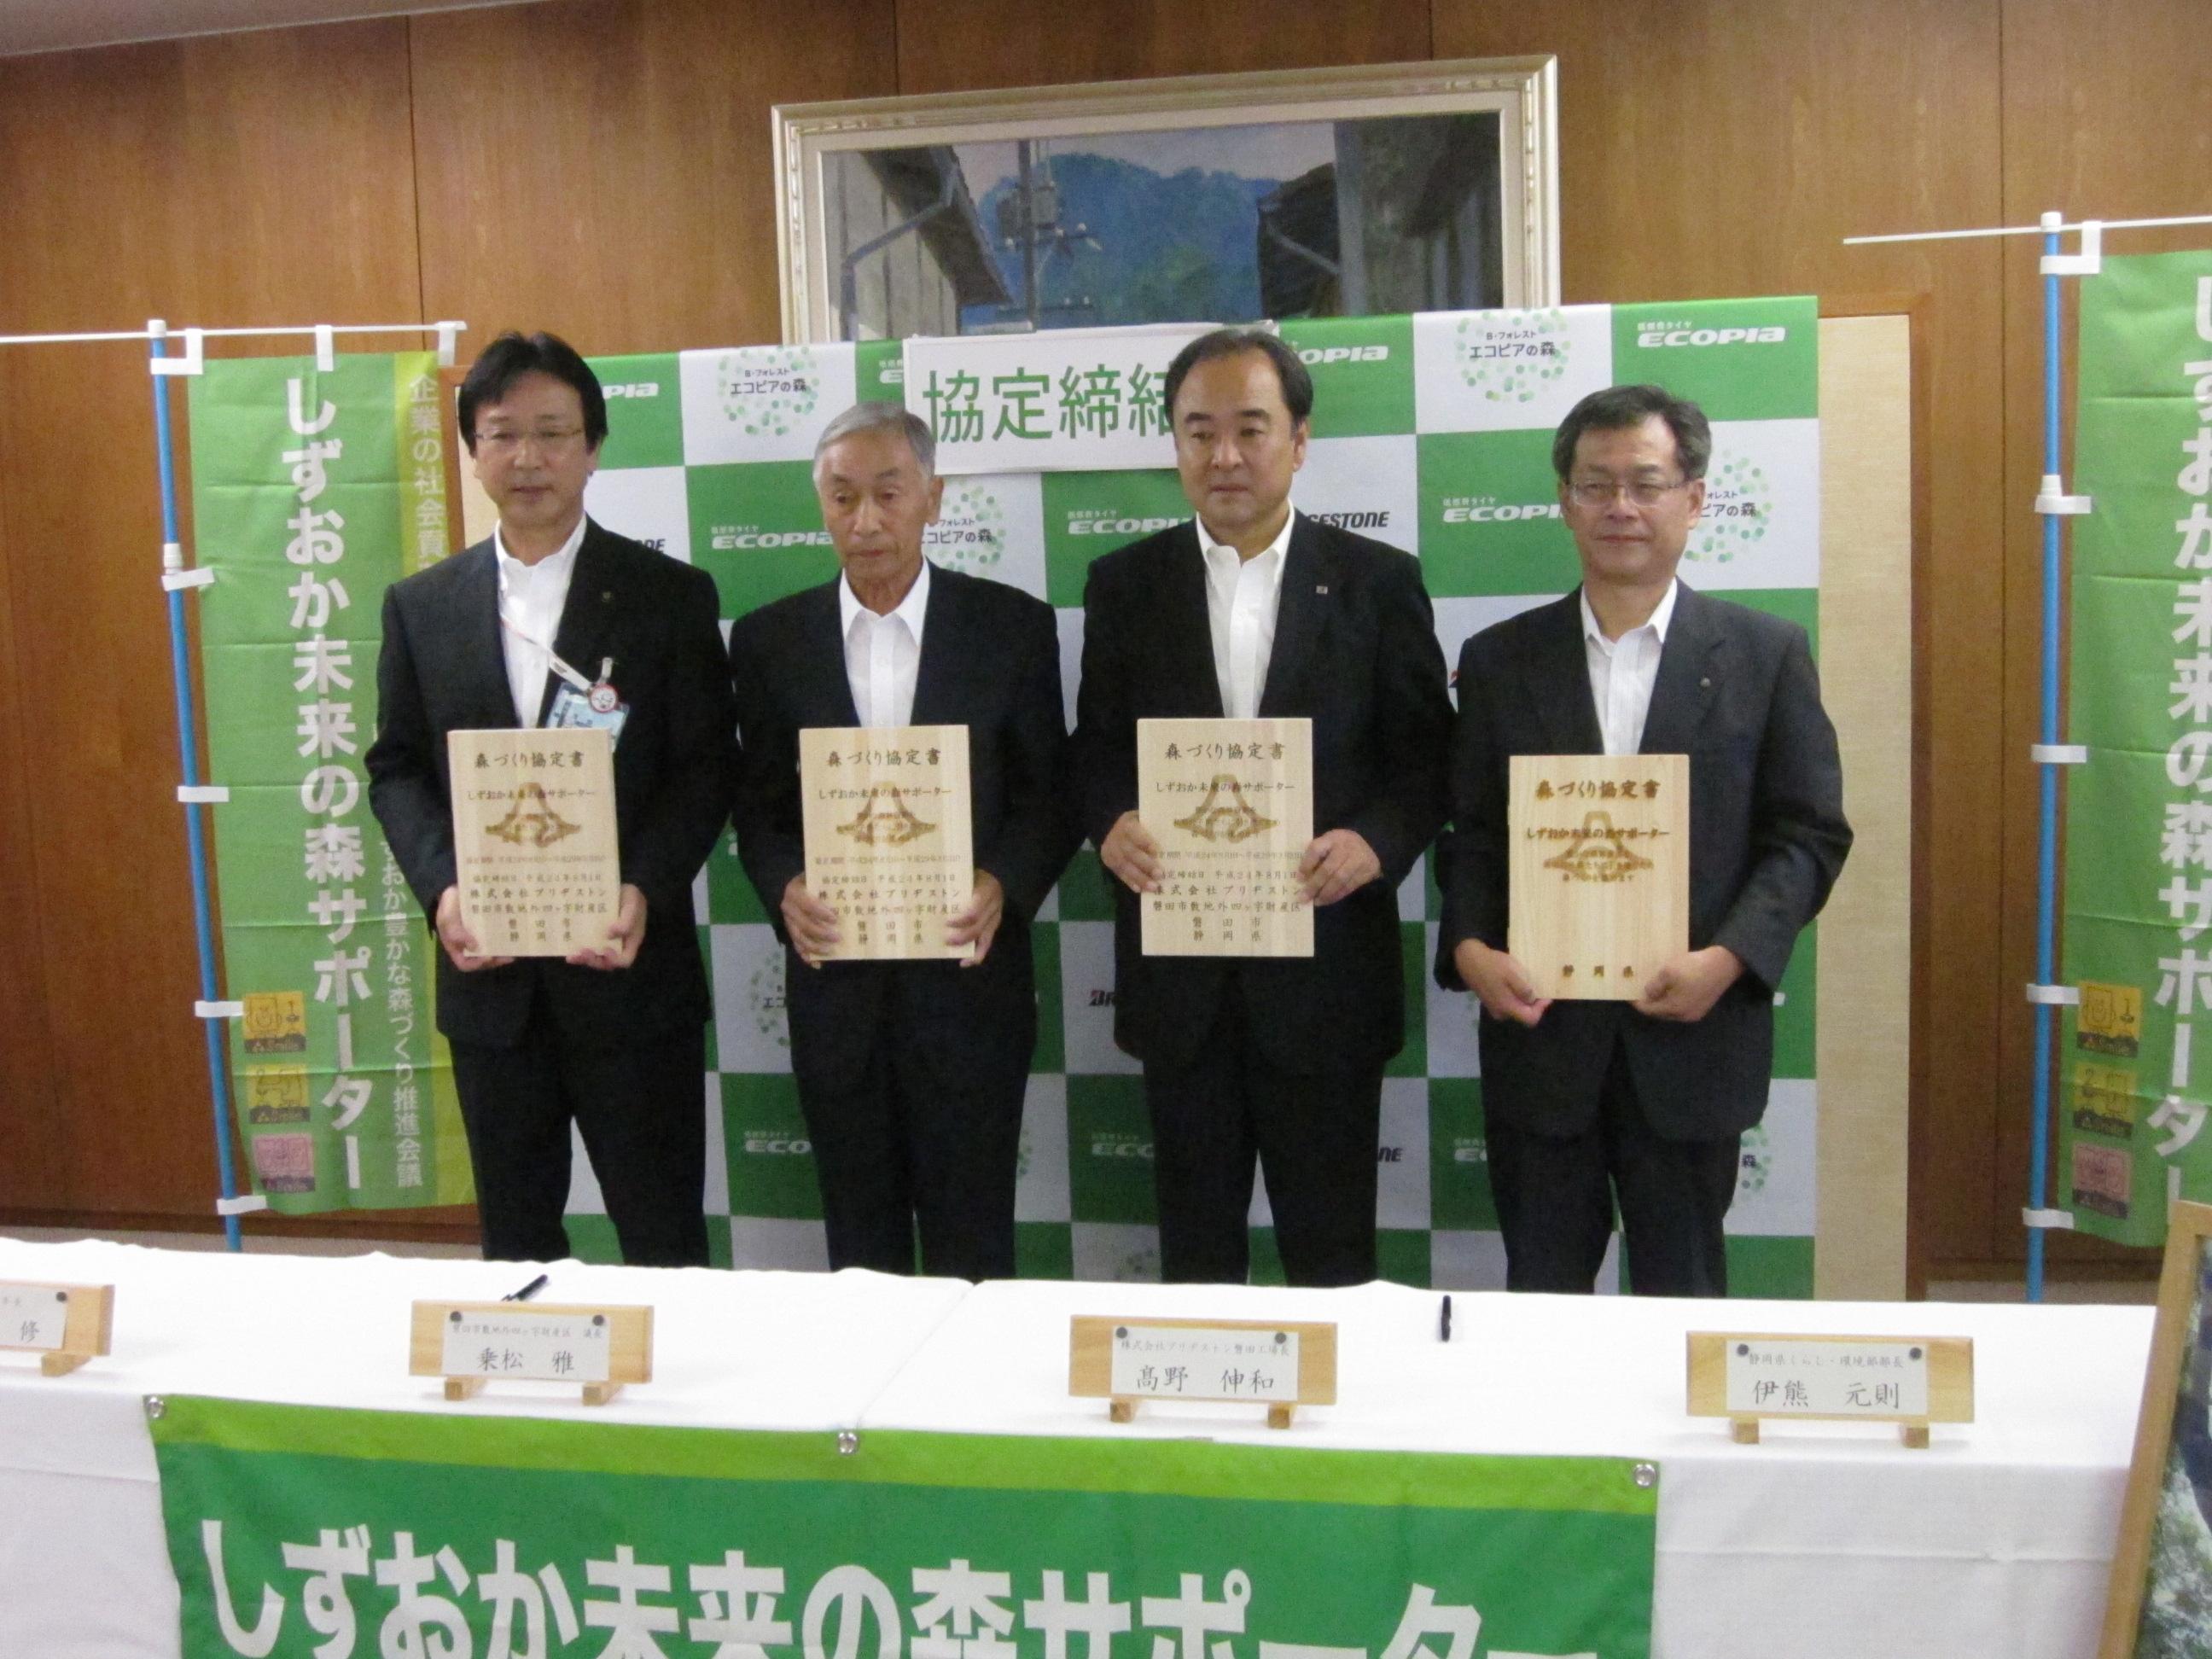 サインした協定書を持つ左から渡部磐田市長、乗松磐田議会長、高野伸和ブリヂストン磐田工場長、伊熊静岡県環境部長